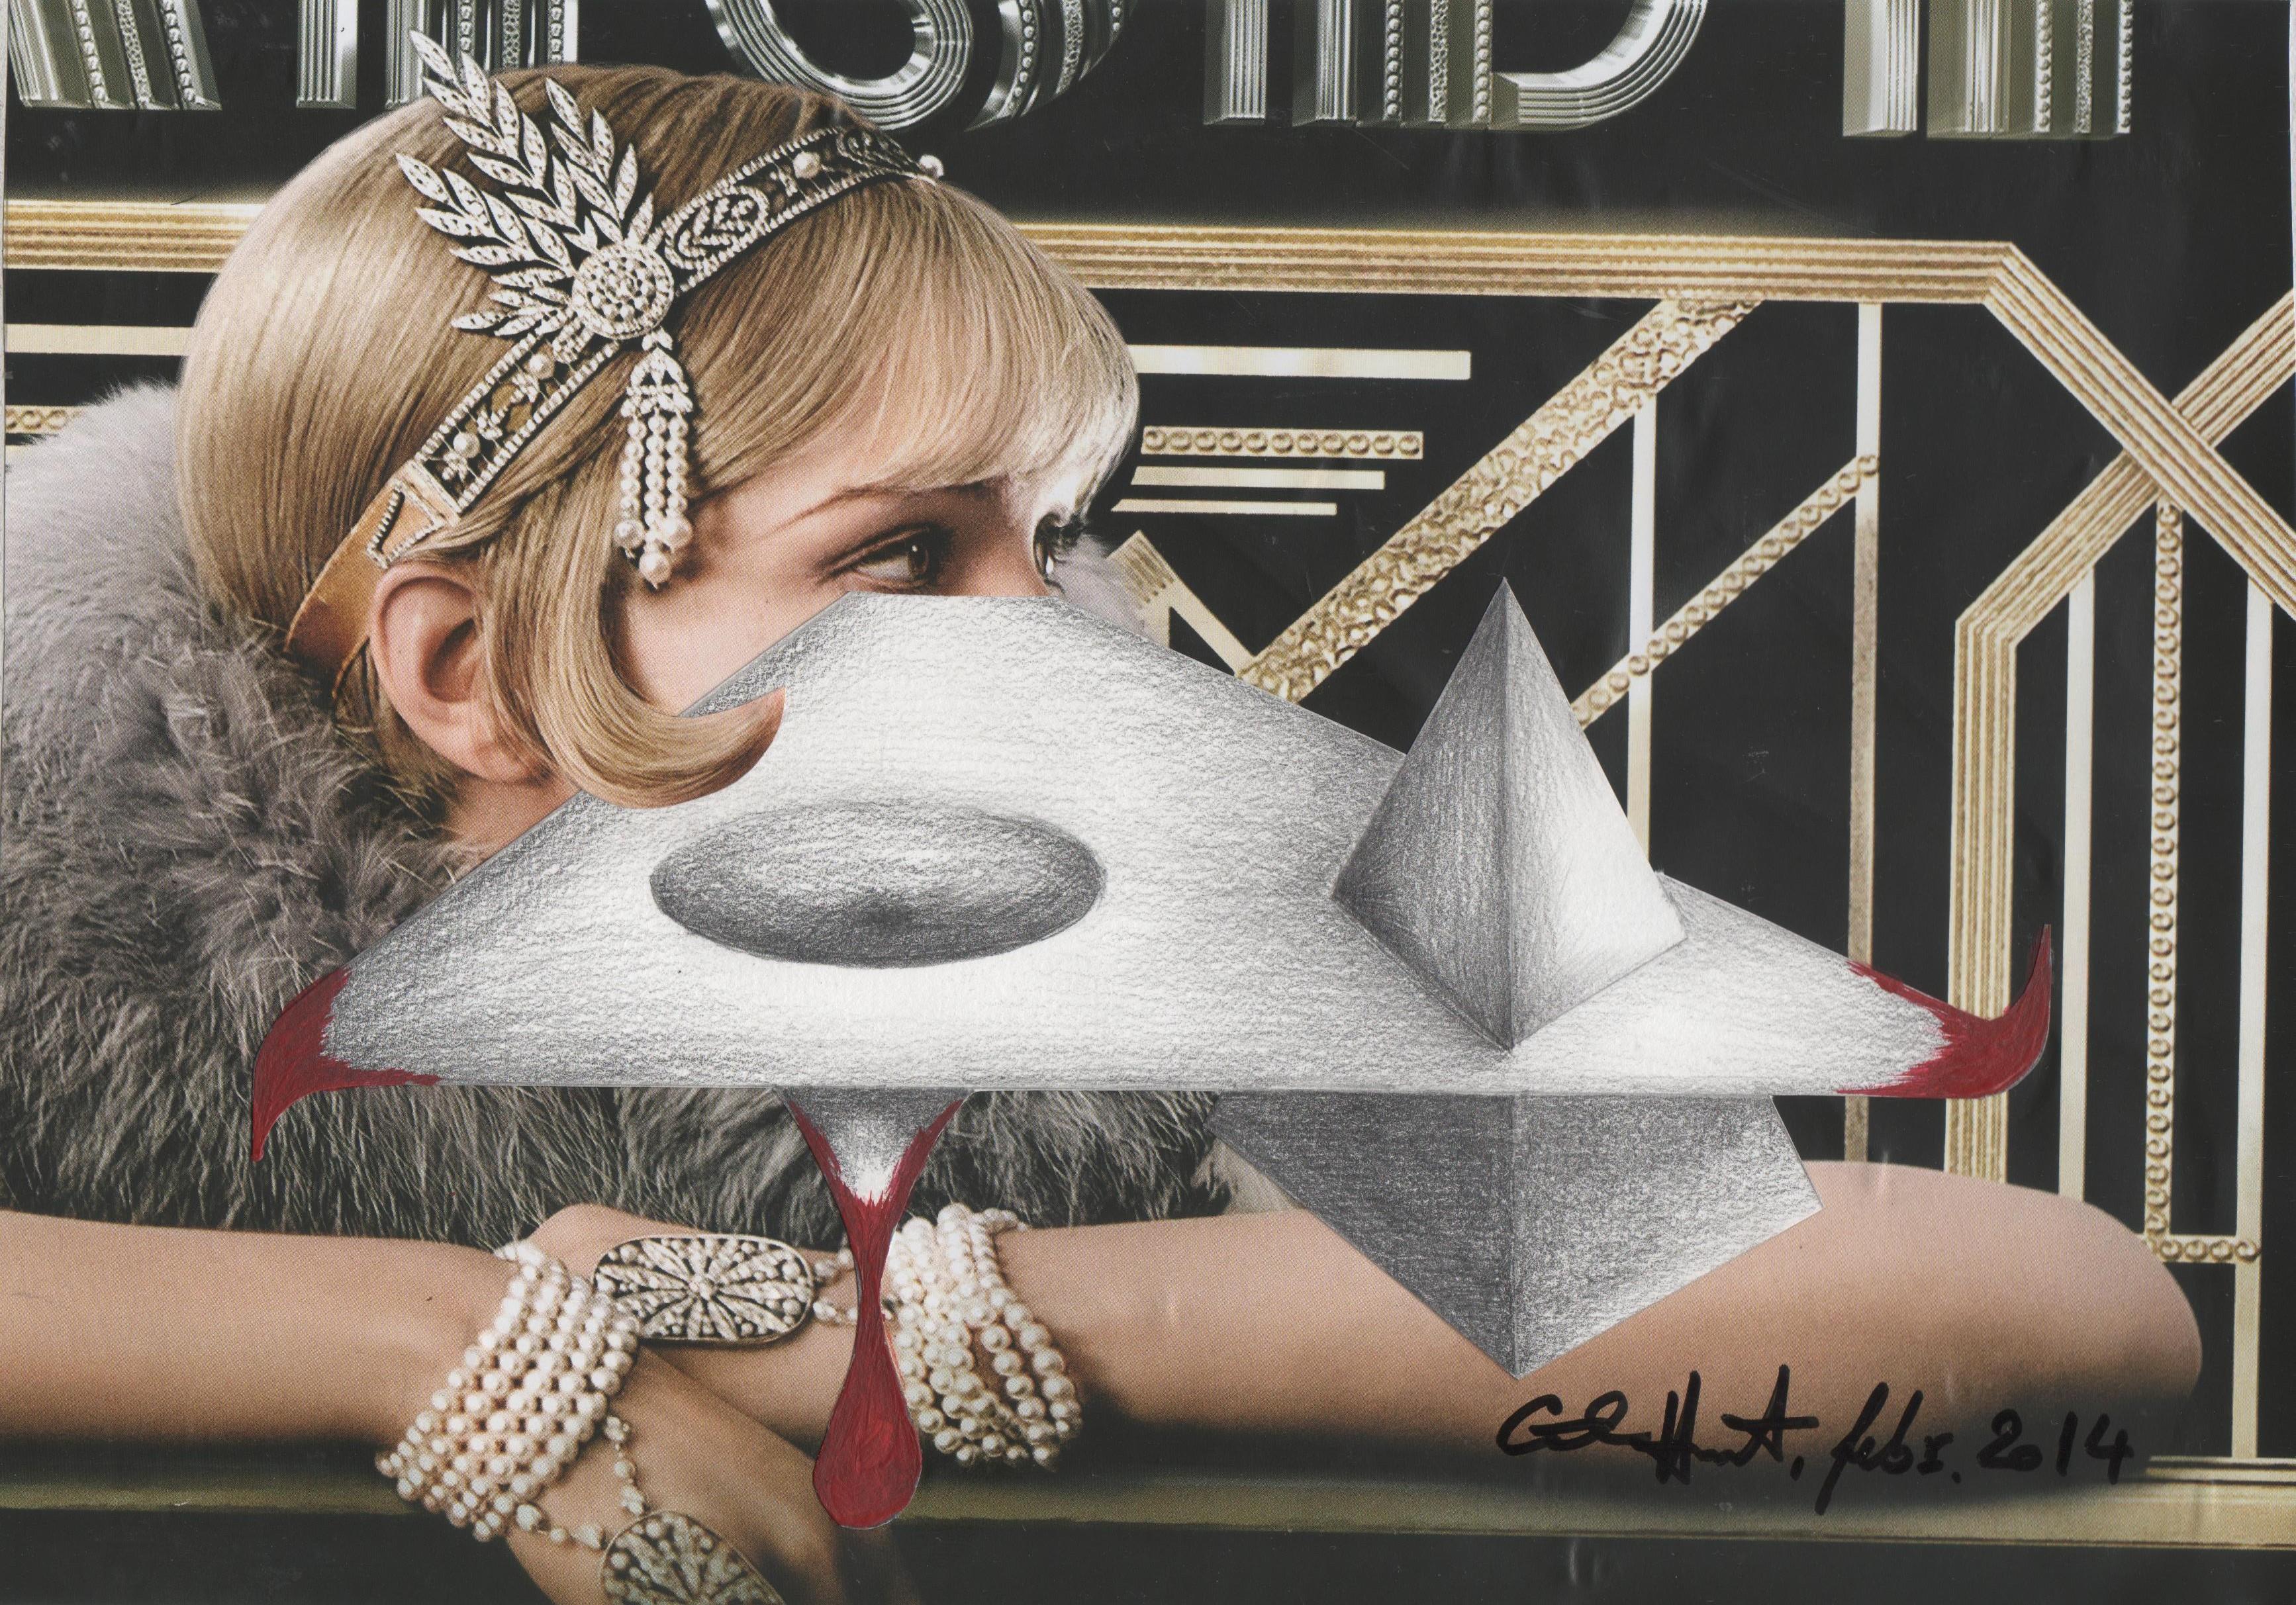 Călin Hentea – Fantezii geometrice